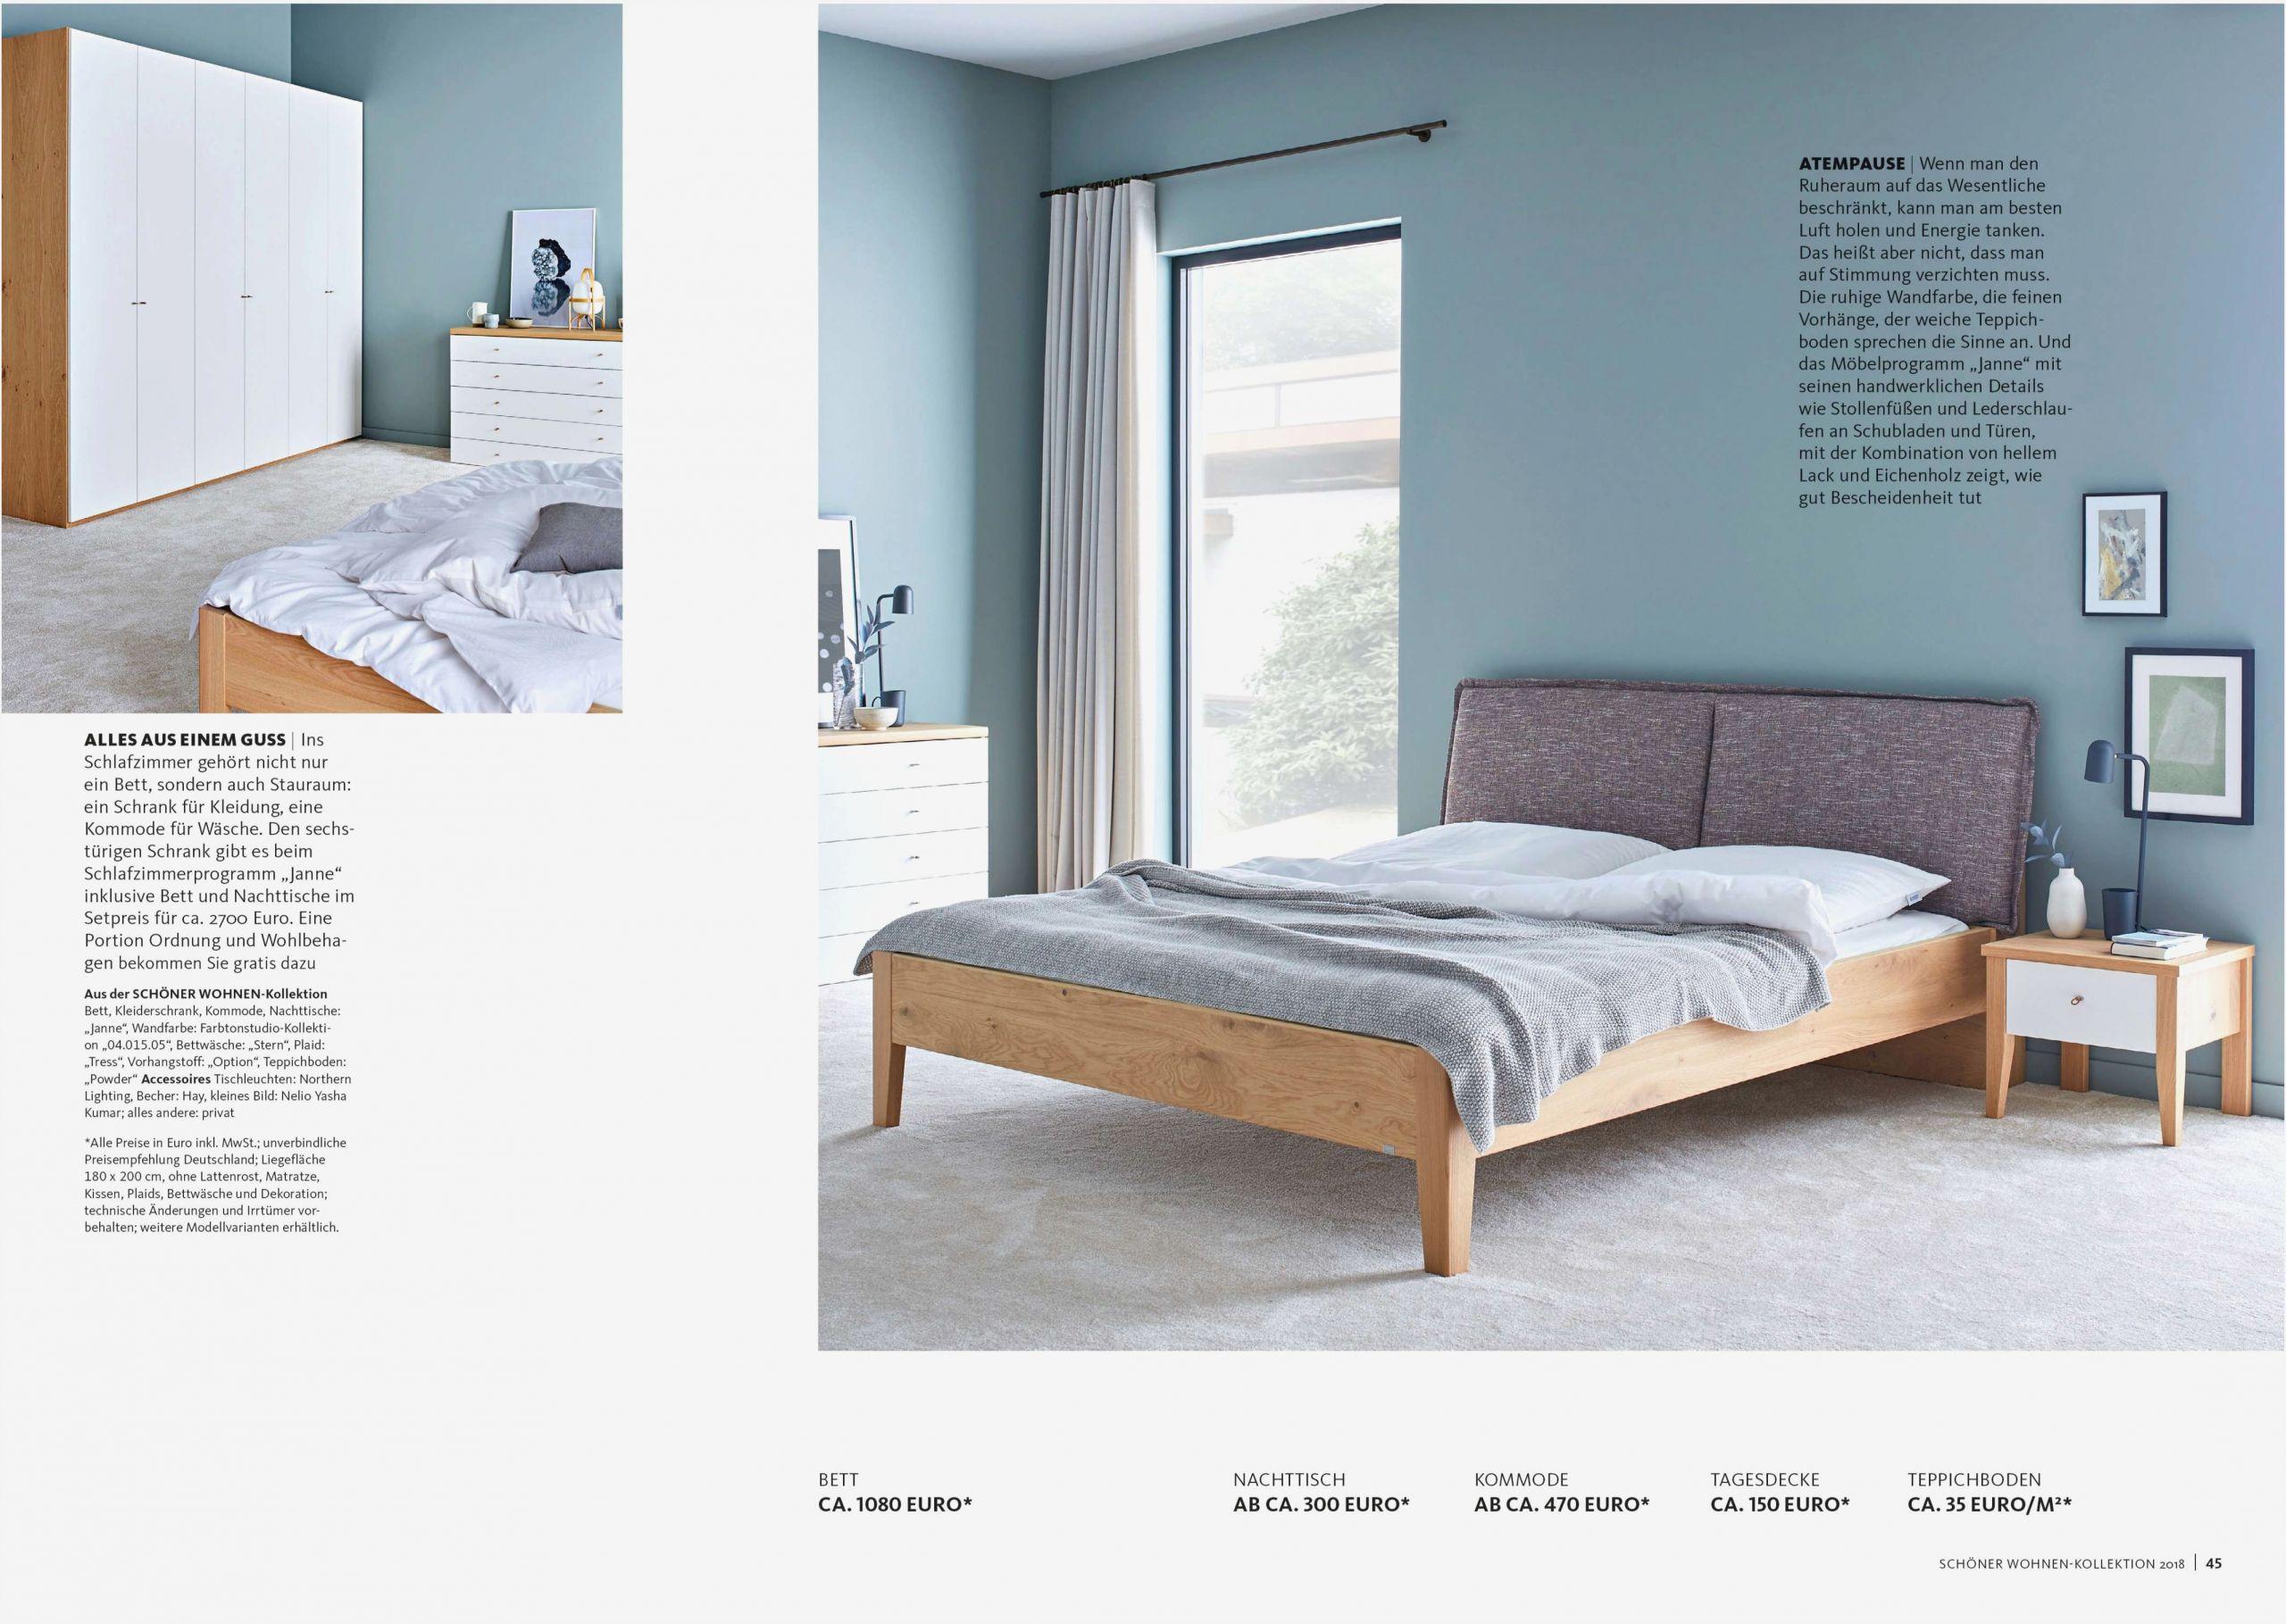 Full Size of Ikea Einrichtung Schlafzimmer Traumhaus Regal Moderne Esstische Sitzbank Nolte Landhausstil Weiß Bilder Fürs Wohnzimmer Duschen Luxus Landhausküche Modernes Wohnzimmer überbau Schlafzimmer Modern